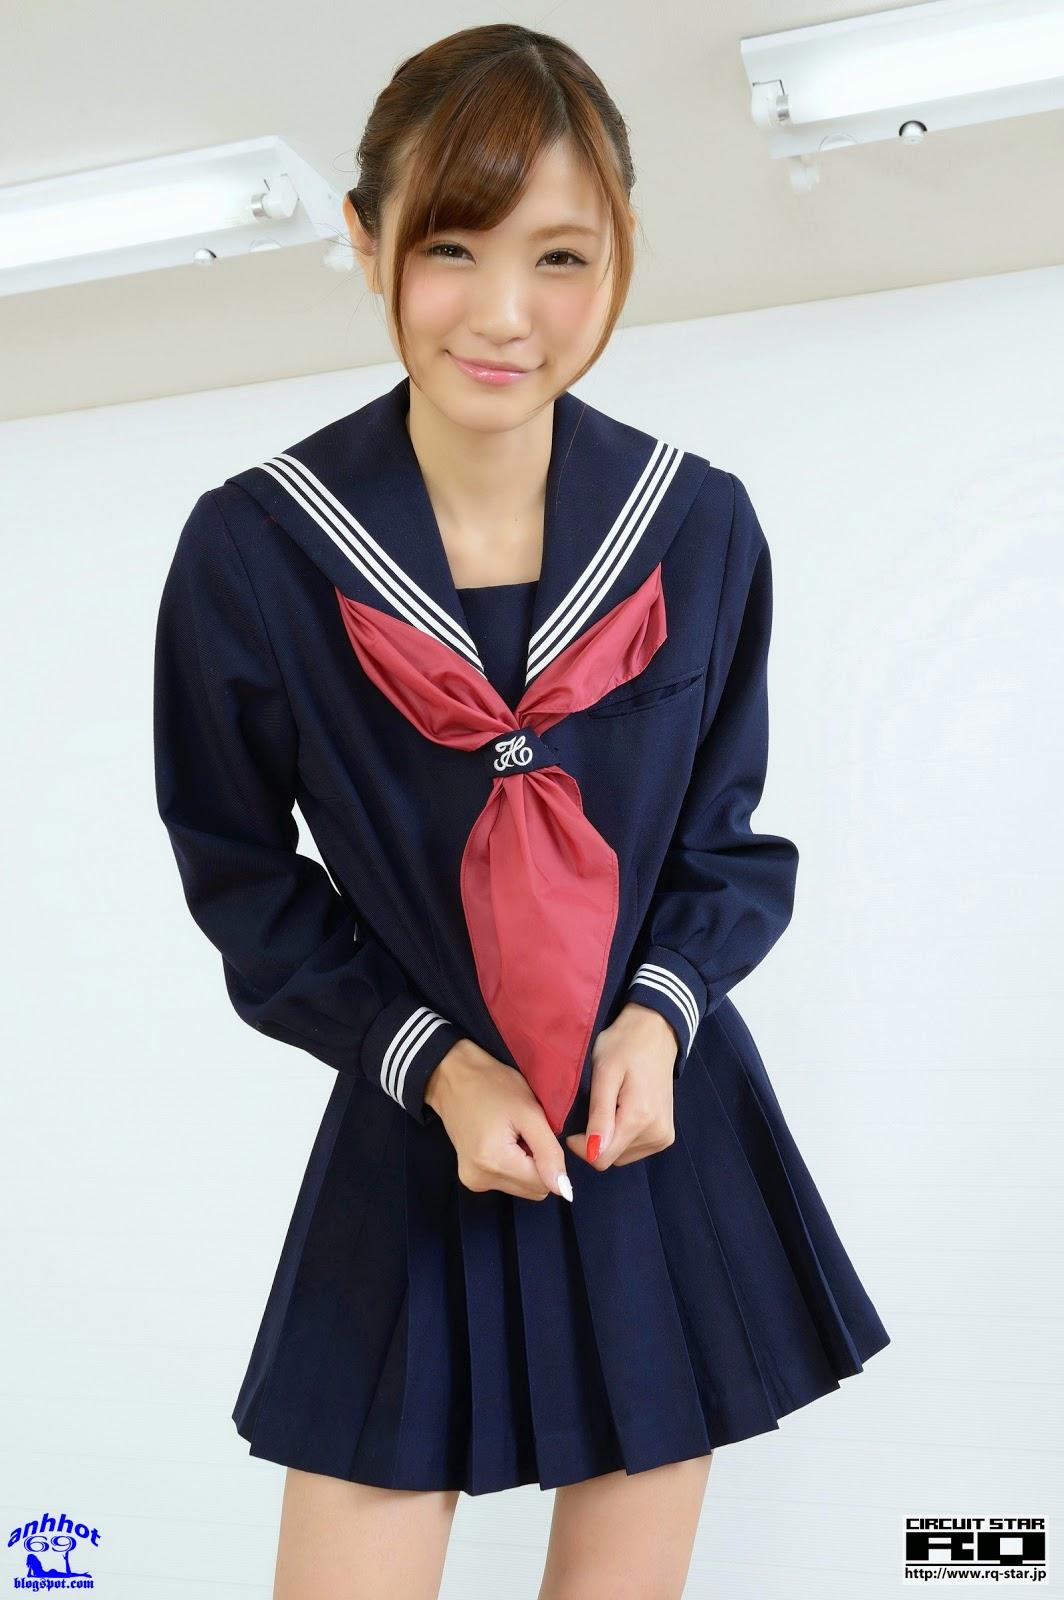 haruka-kanzaki-02420703